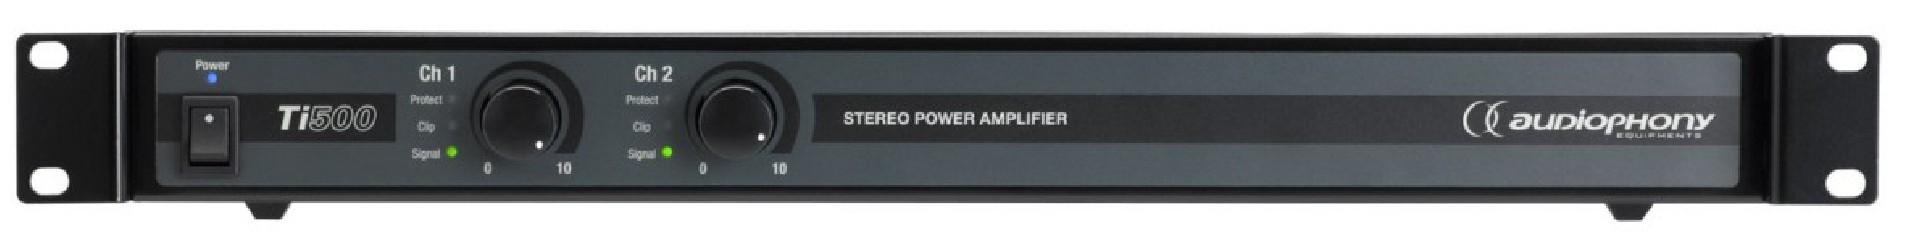 Ampli à découpage Audiophony Ti500